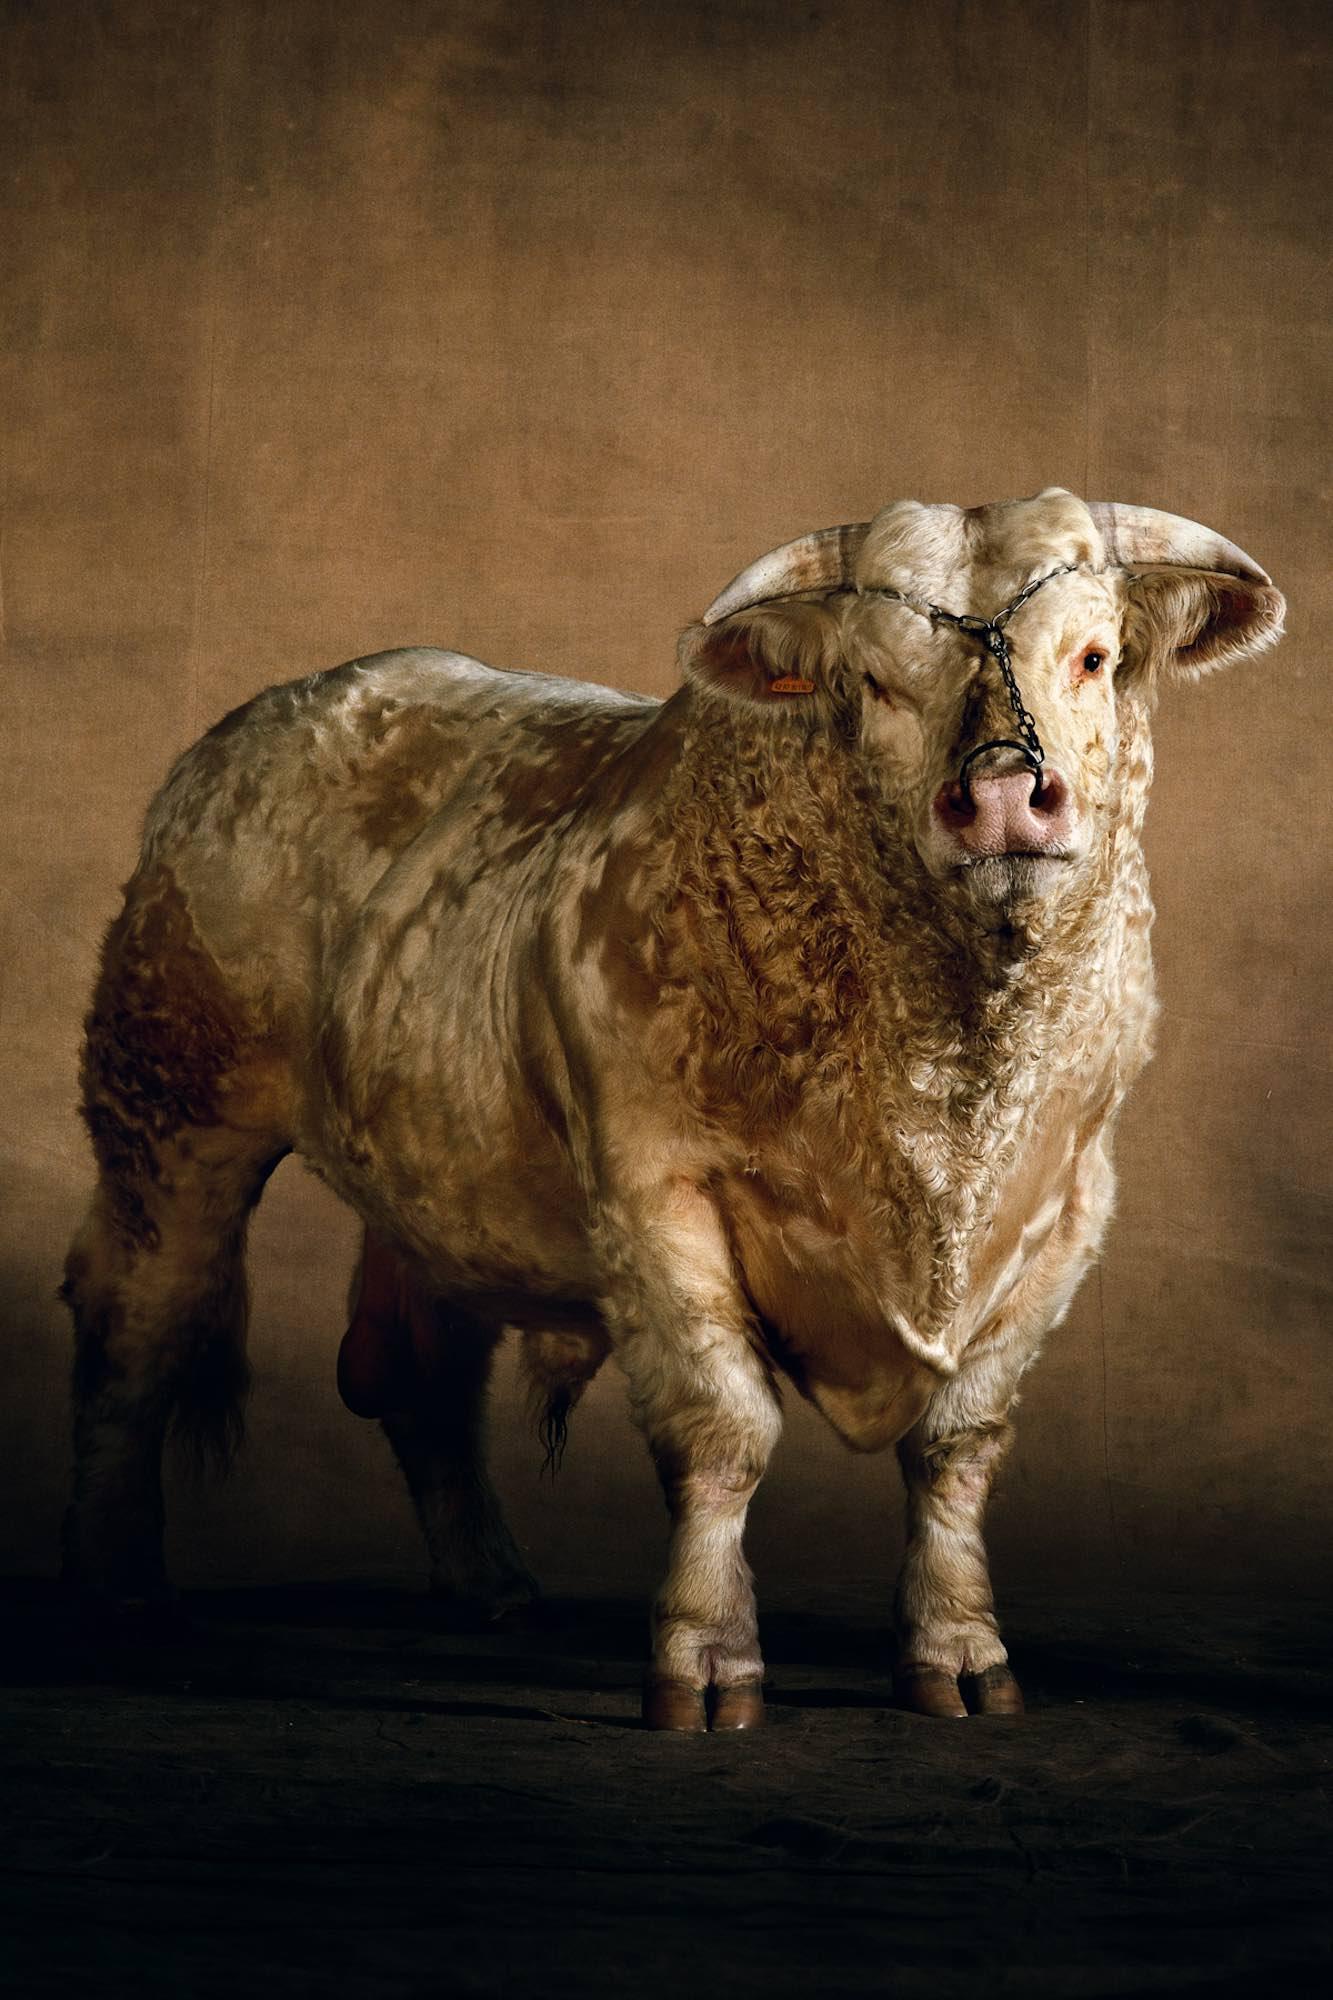 Bull - Yann Arthus-Bertrand